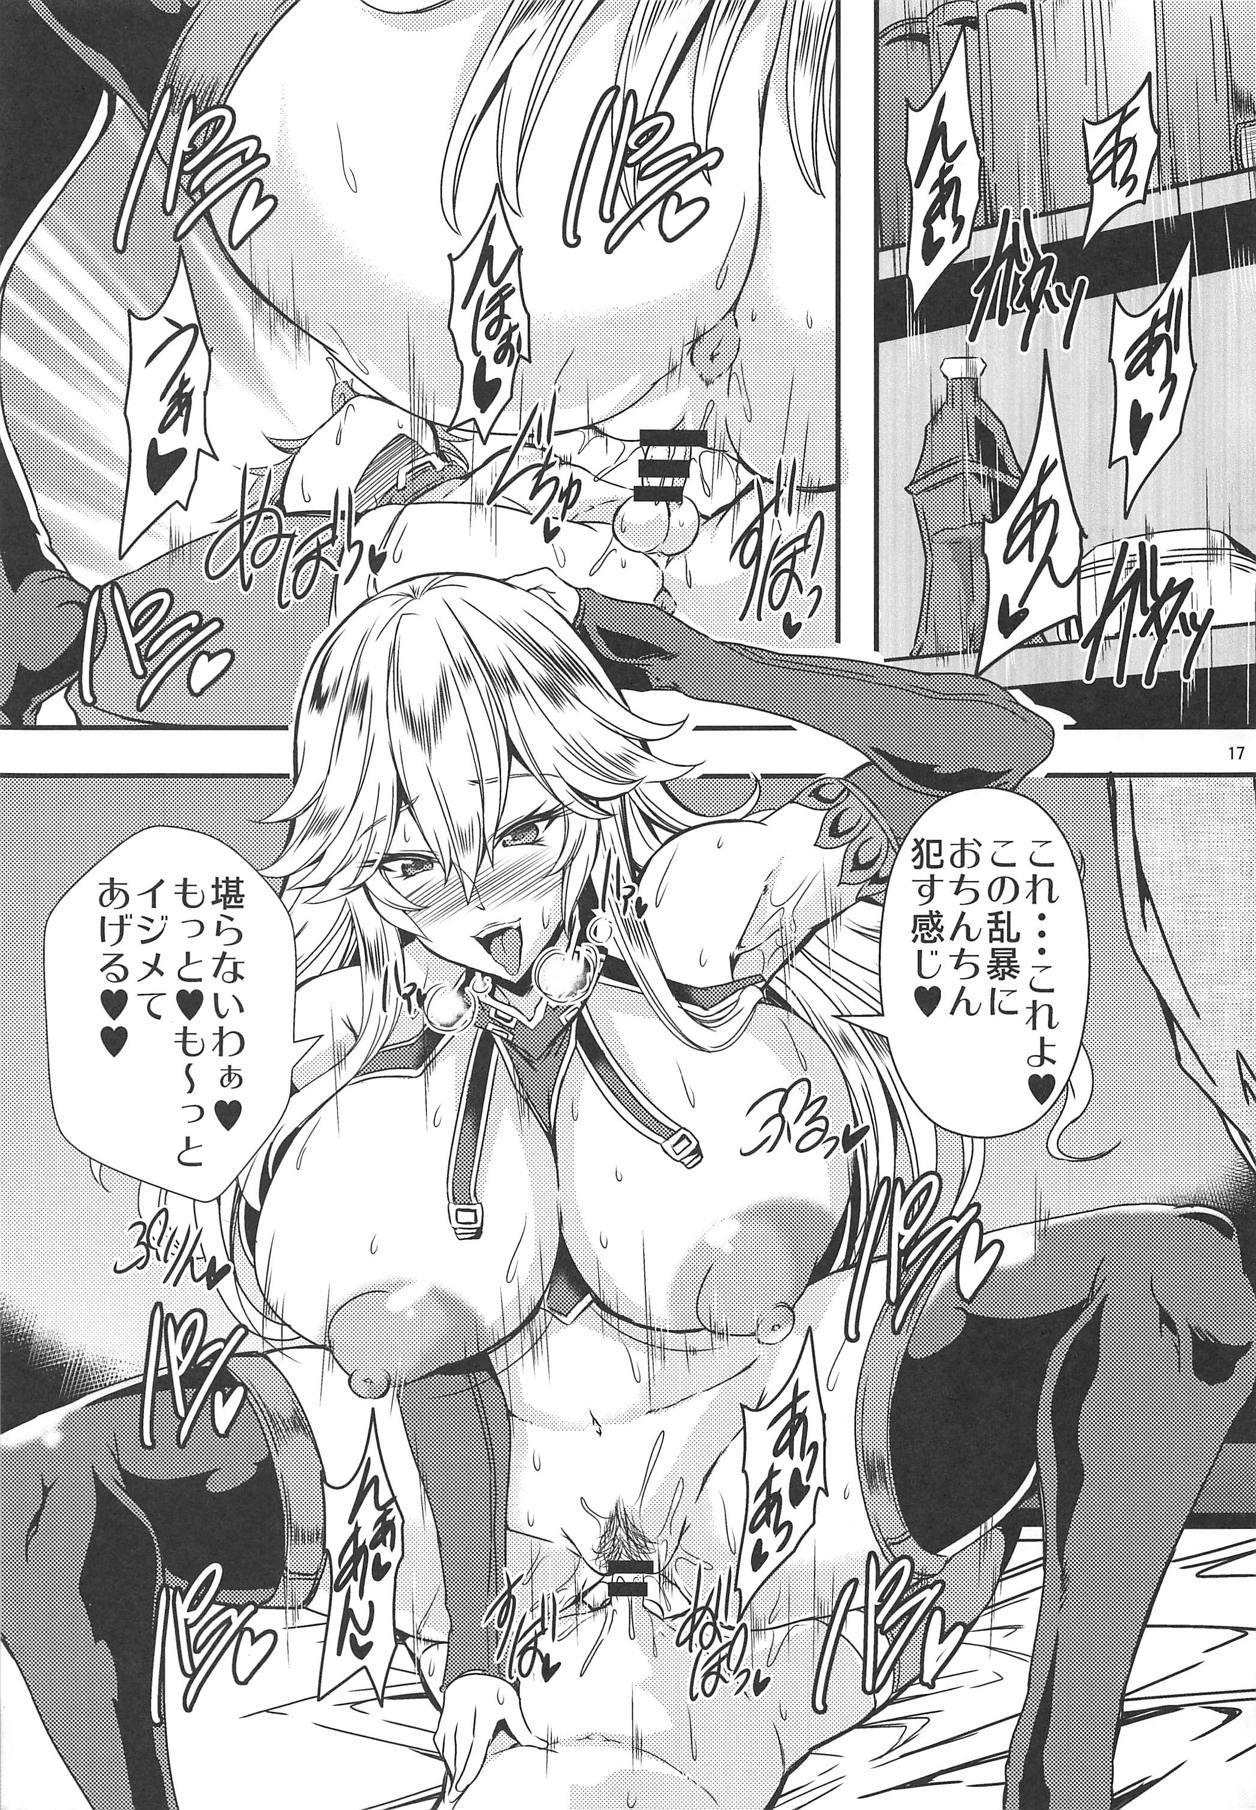 Magisa no Shiru Atsume 15